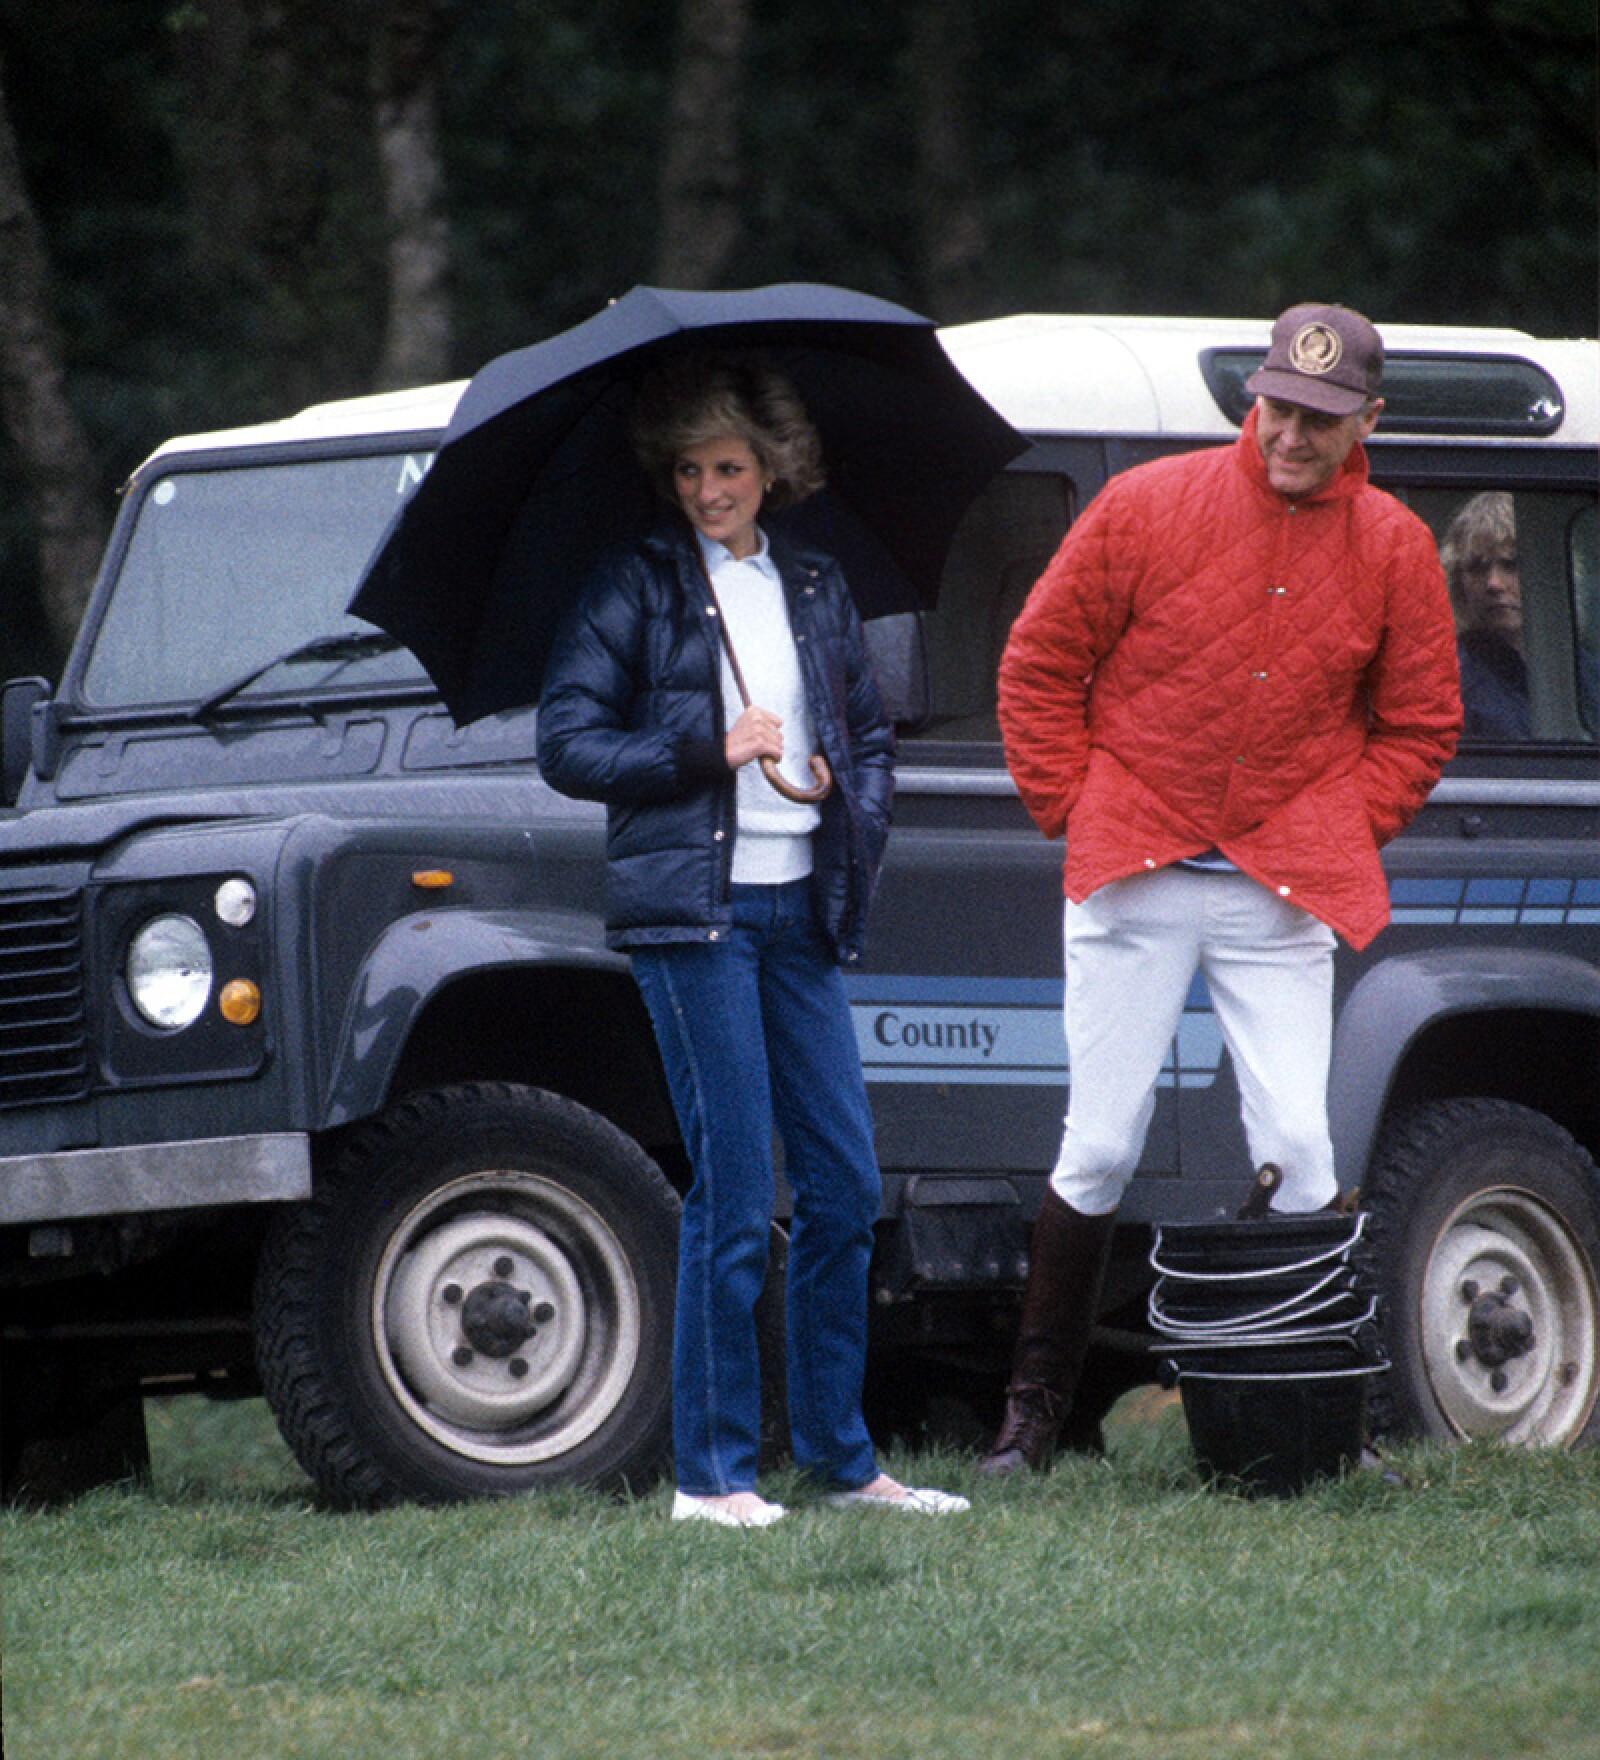 Royals at Windsor, Berkshire, Britain - 1985